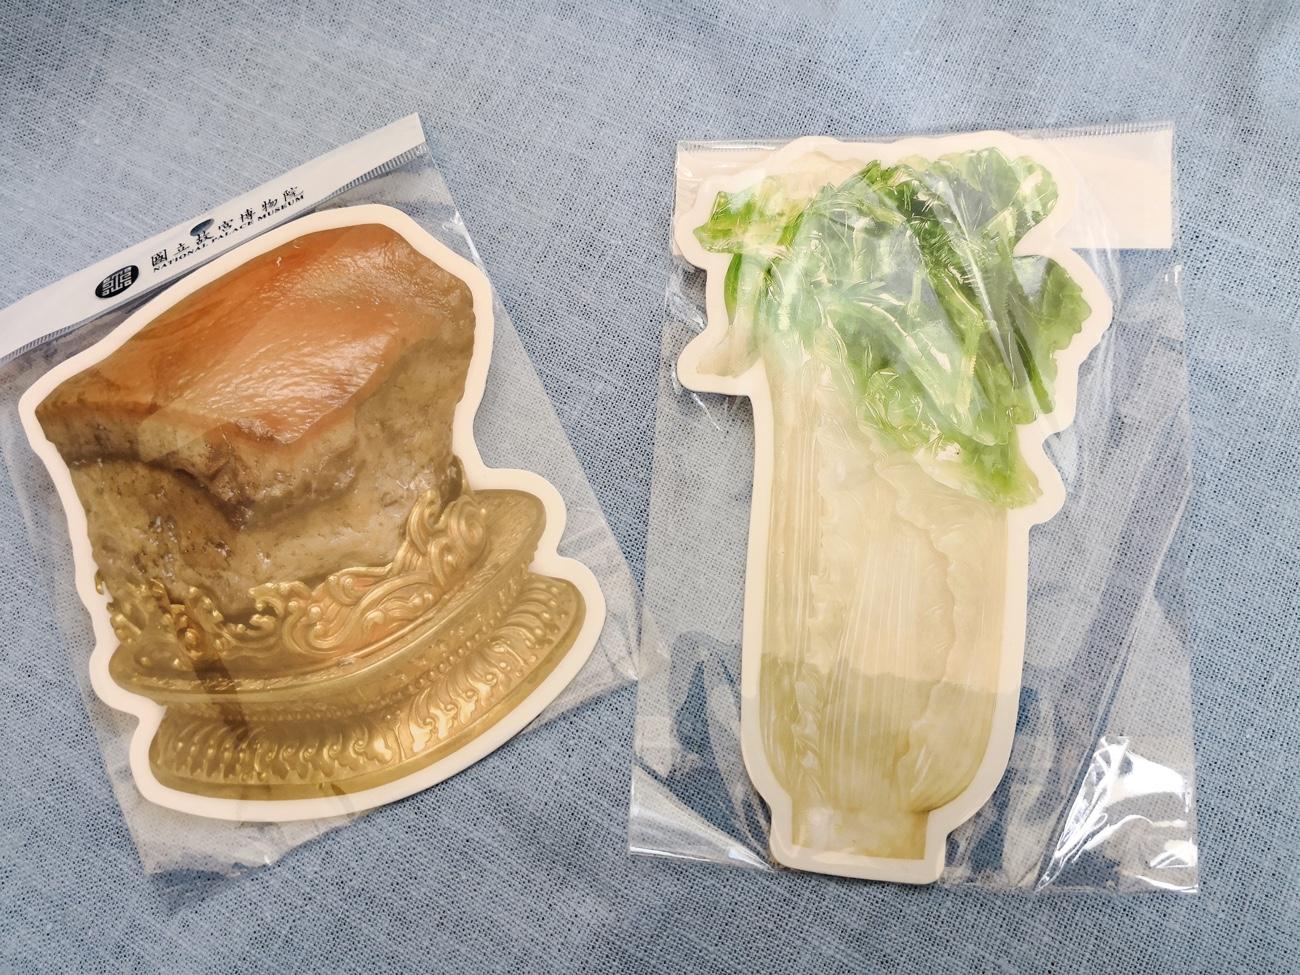 台北観光 故宮博物院おすすめのお土産